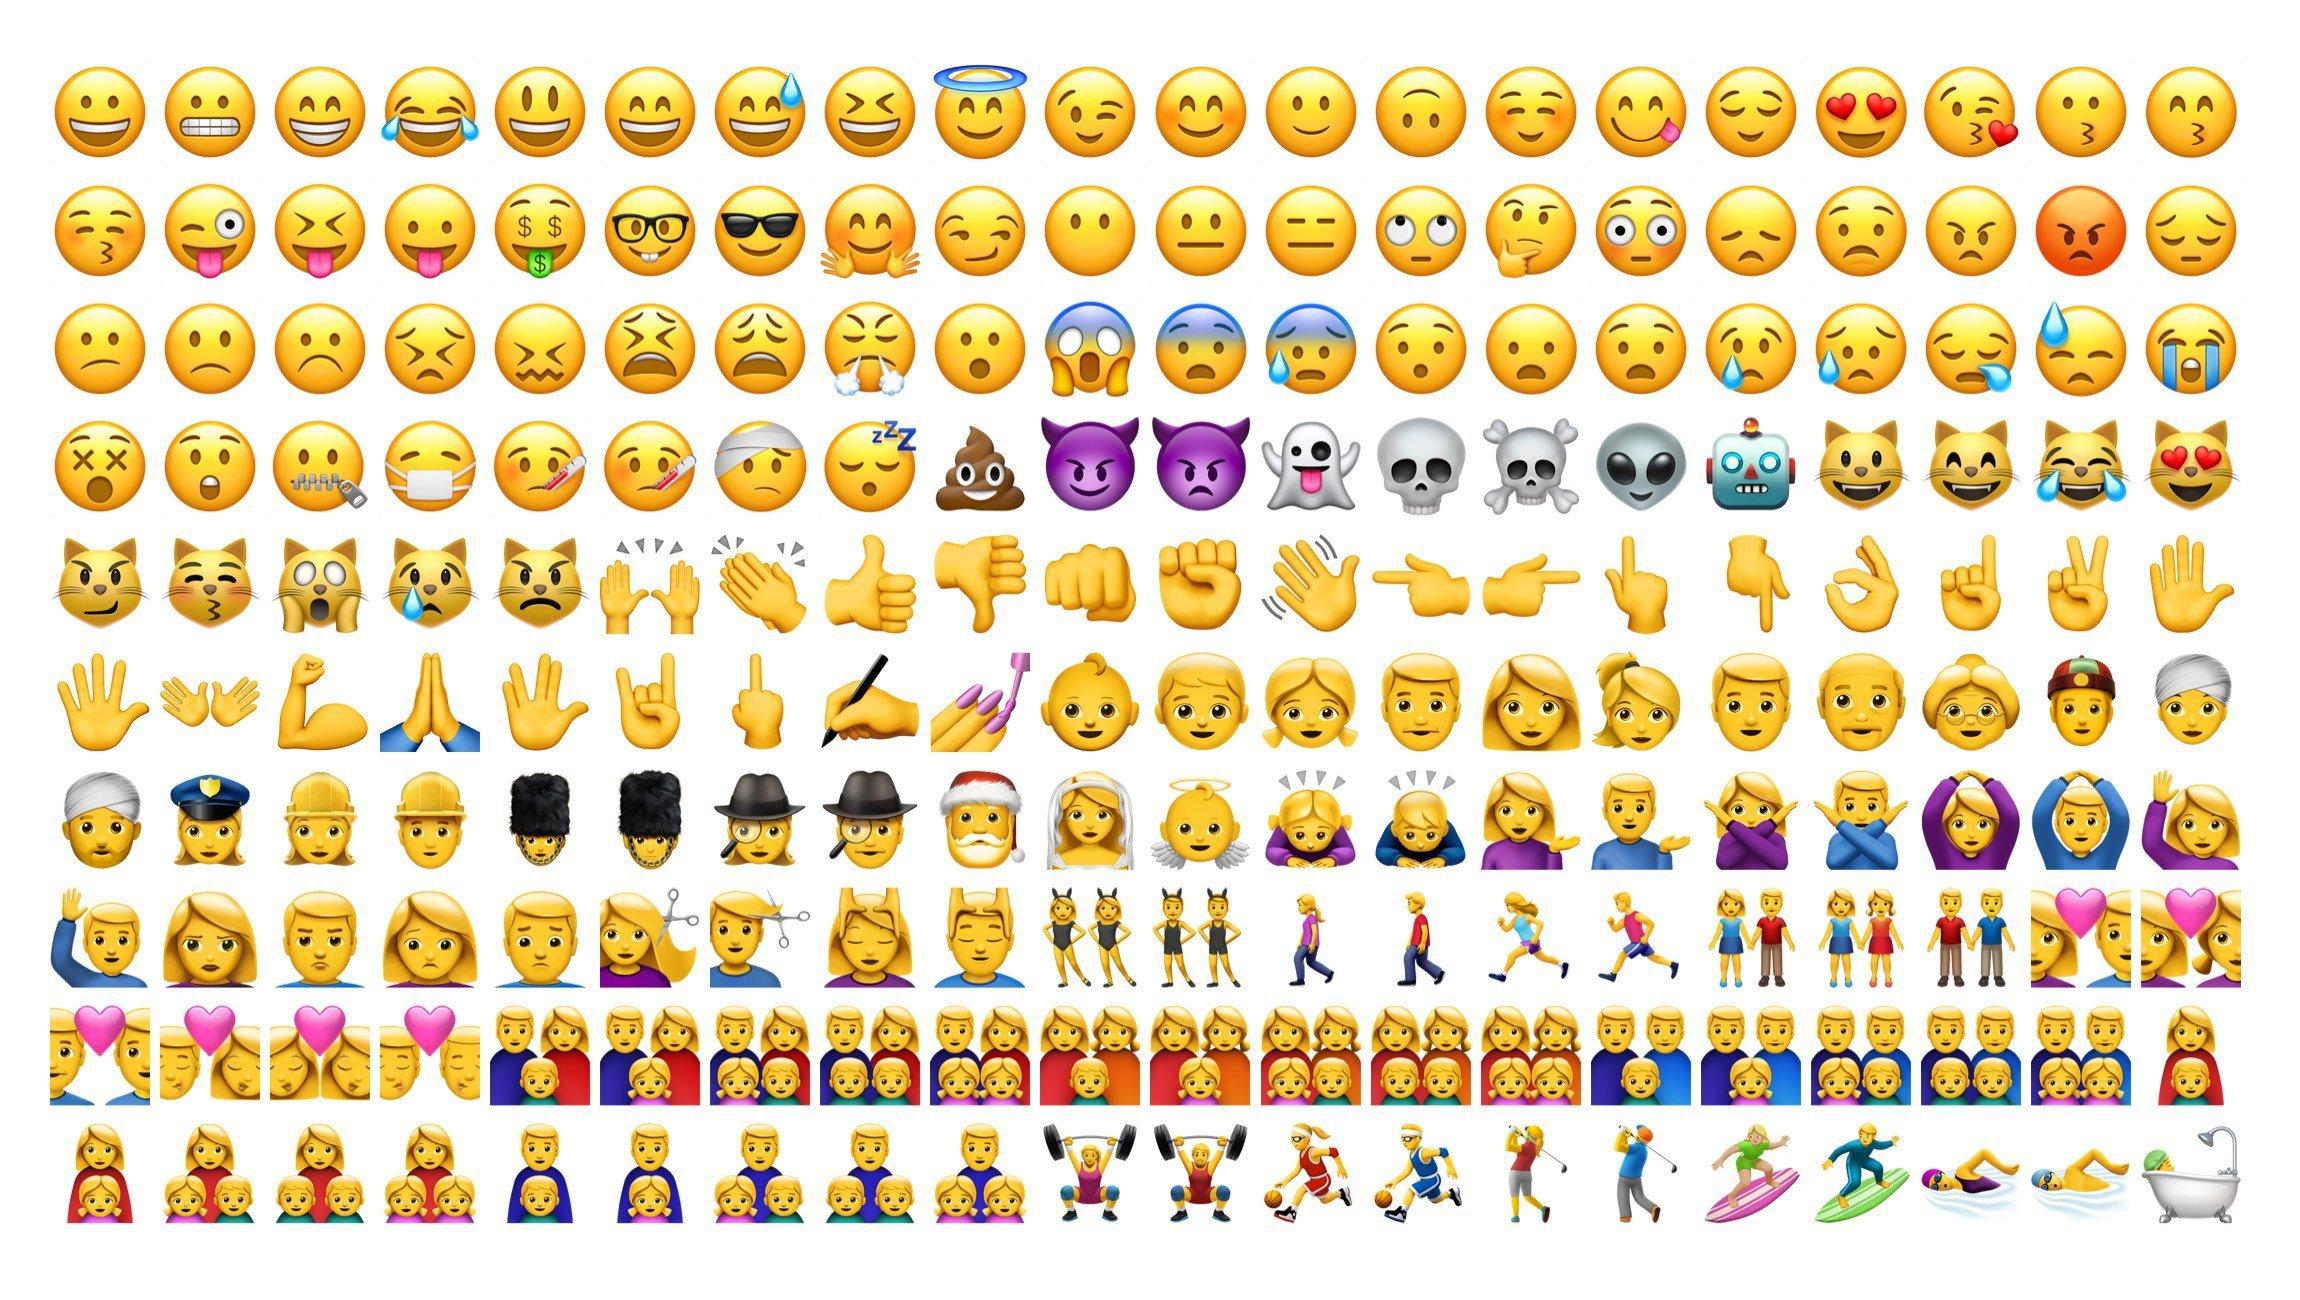 En la actualidad existen 1088 emojis